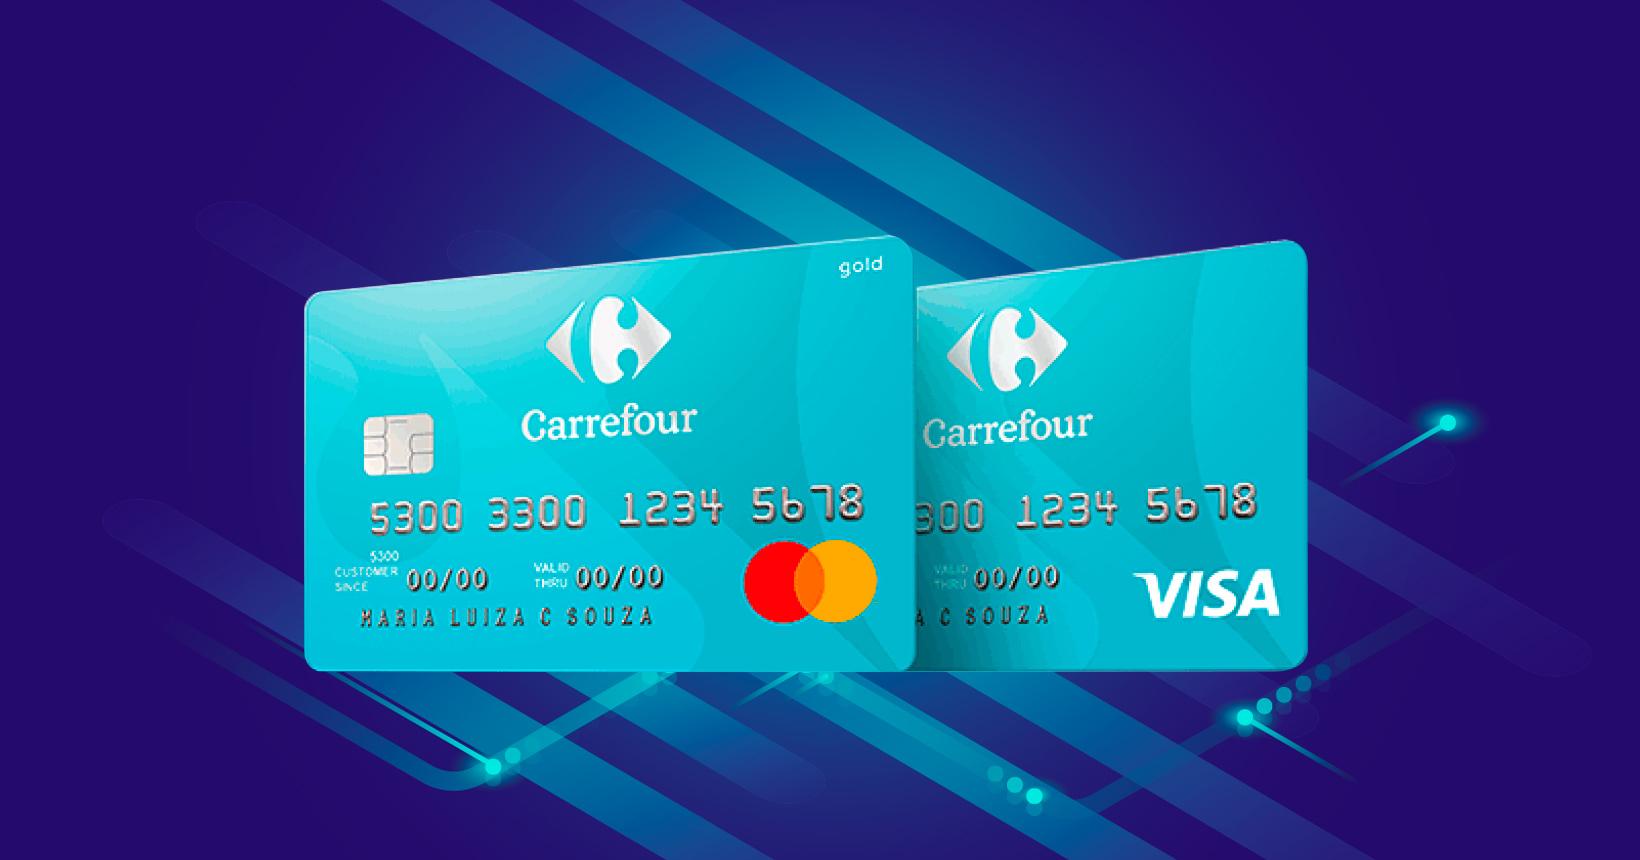 Confira todas as vantagens do Cartão Carrefour Visa Nacional